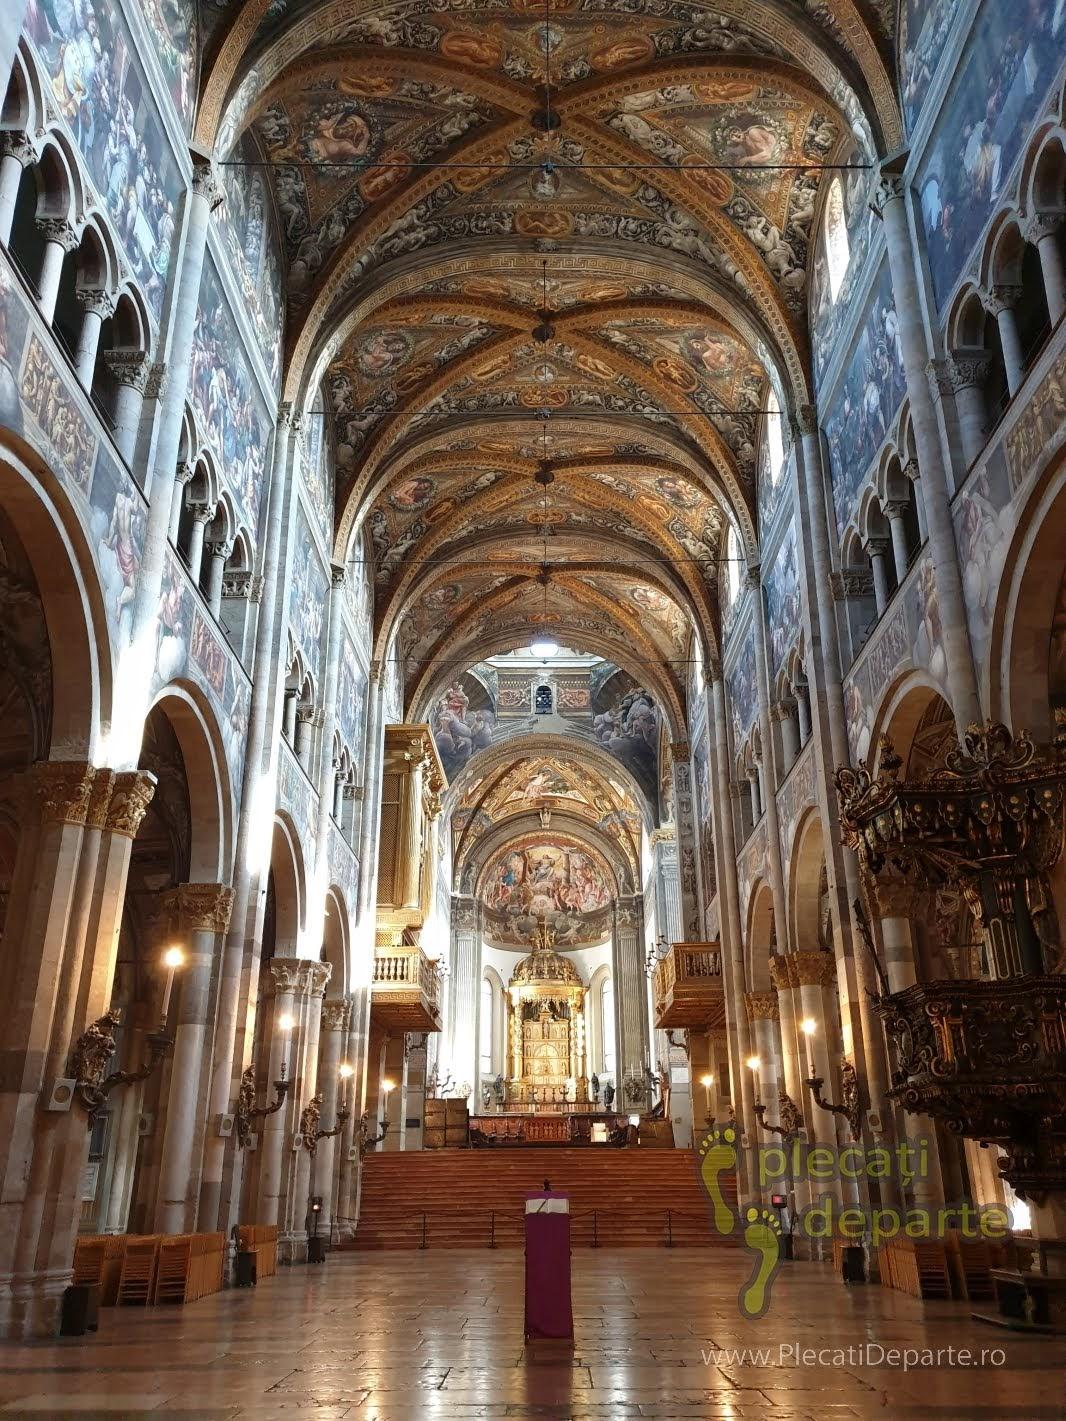 Piazza del Duomo - Catedrala di Parma, in care accesul este gratuit si unde am putut vedea arhitectura din interior, in Parma, Italia. bologna parma lugo obiective turistice mancaruri traditionale italia